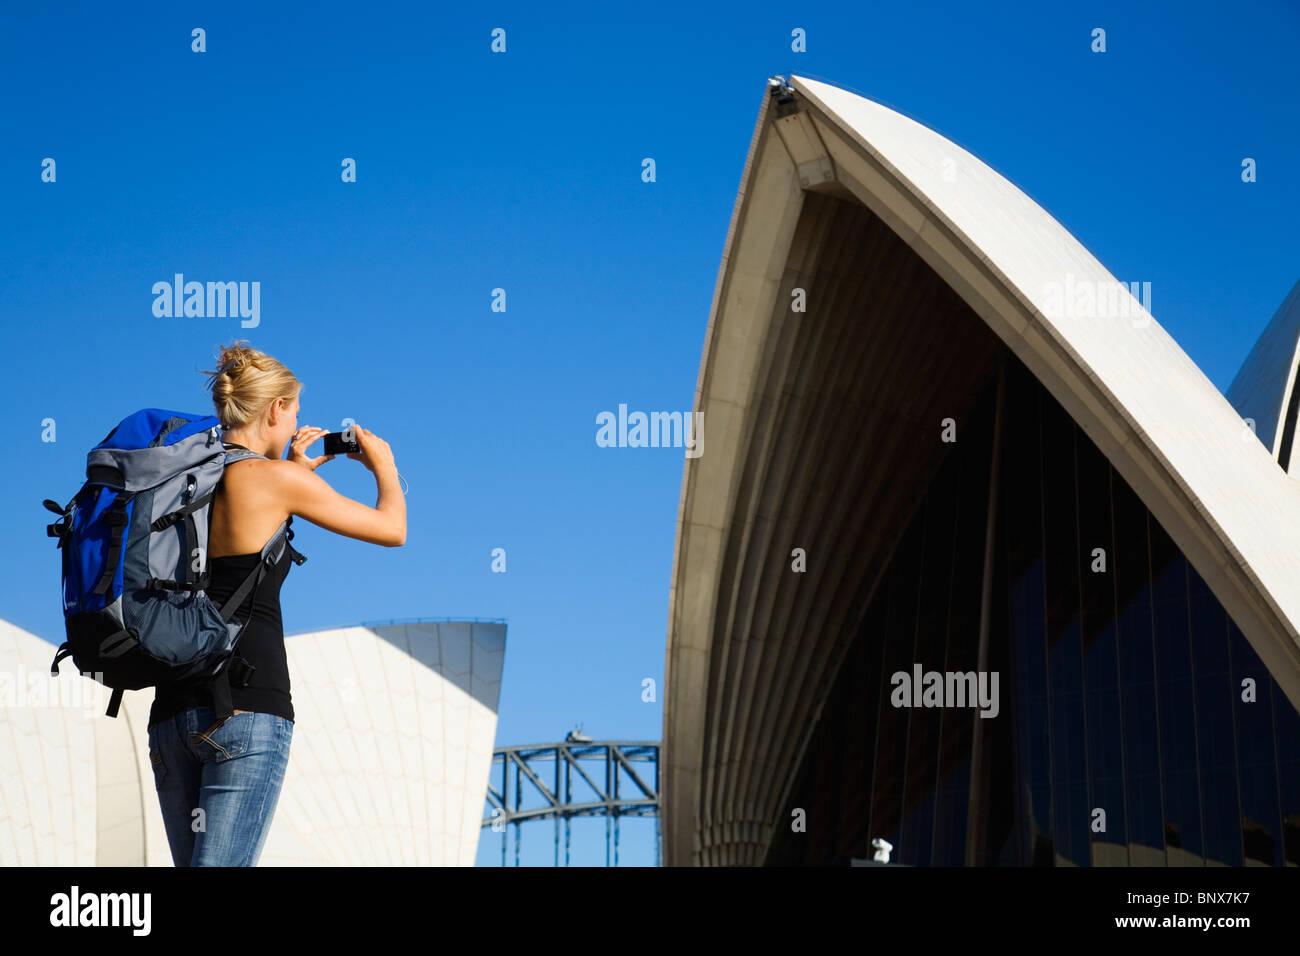 Un mochilero fotografías la Casa de la Ópera de Sydney, New South Wales, Australia. Imagen De Stock